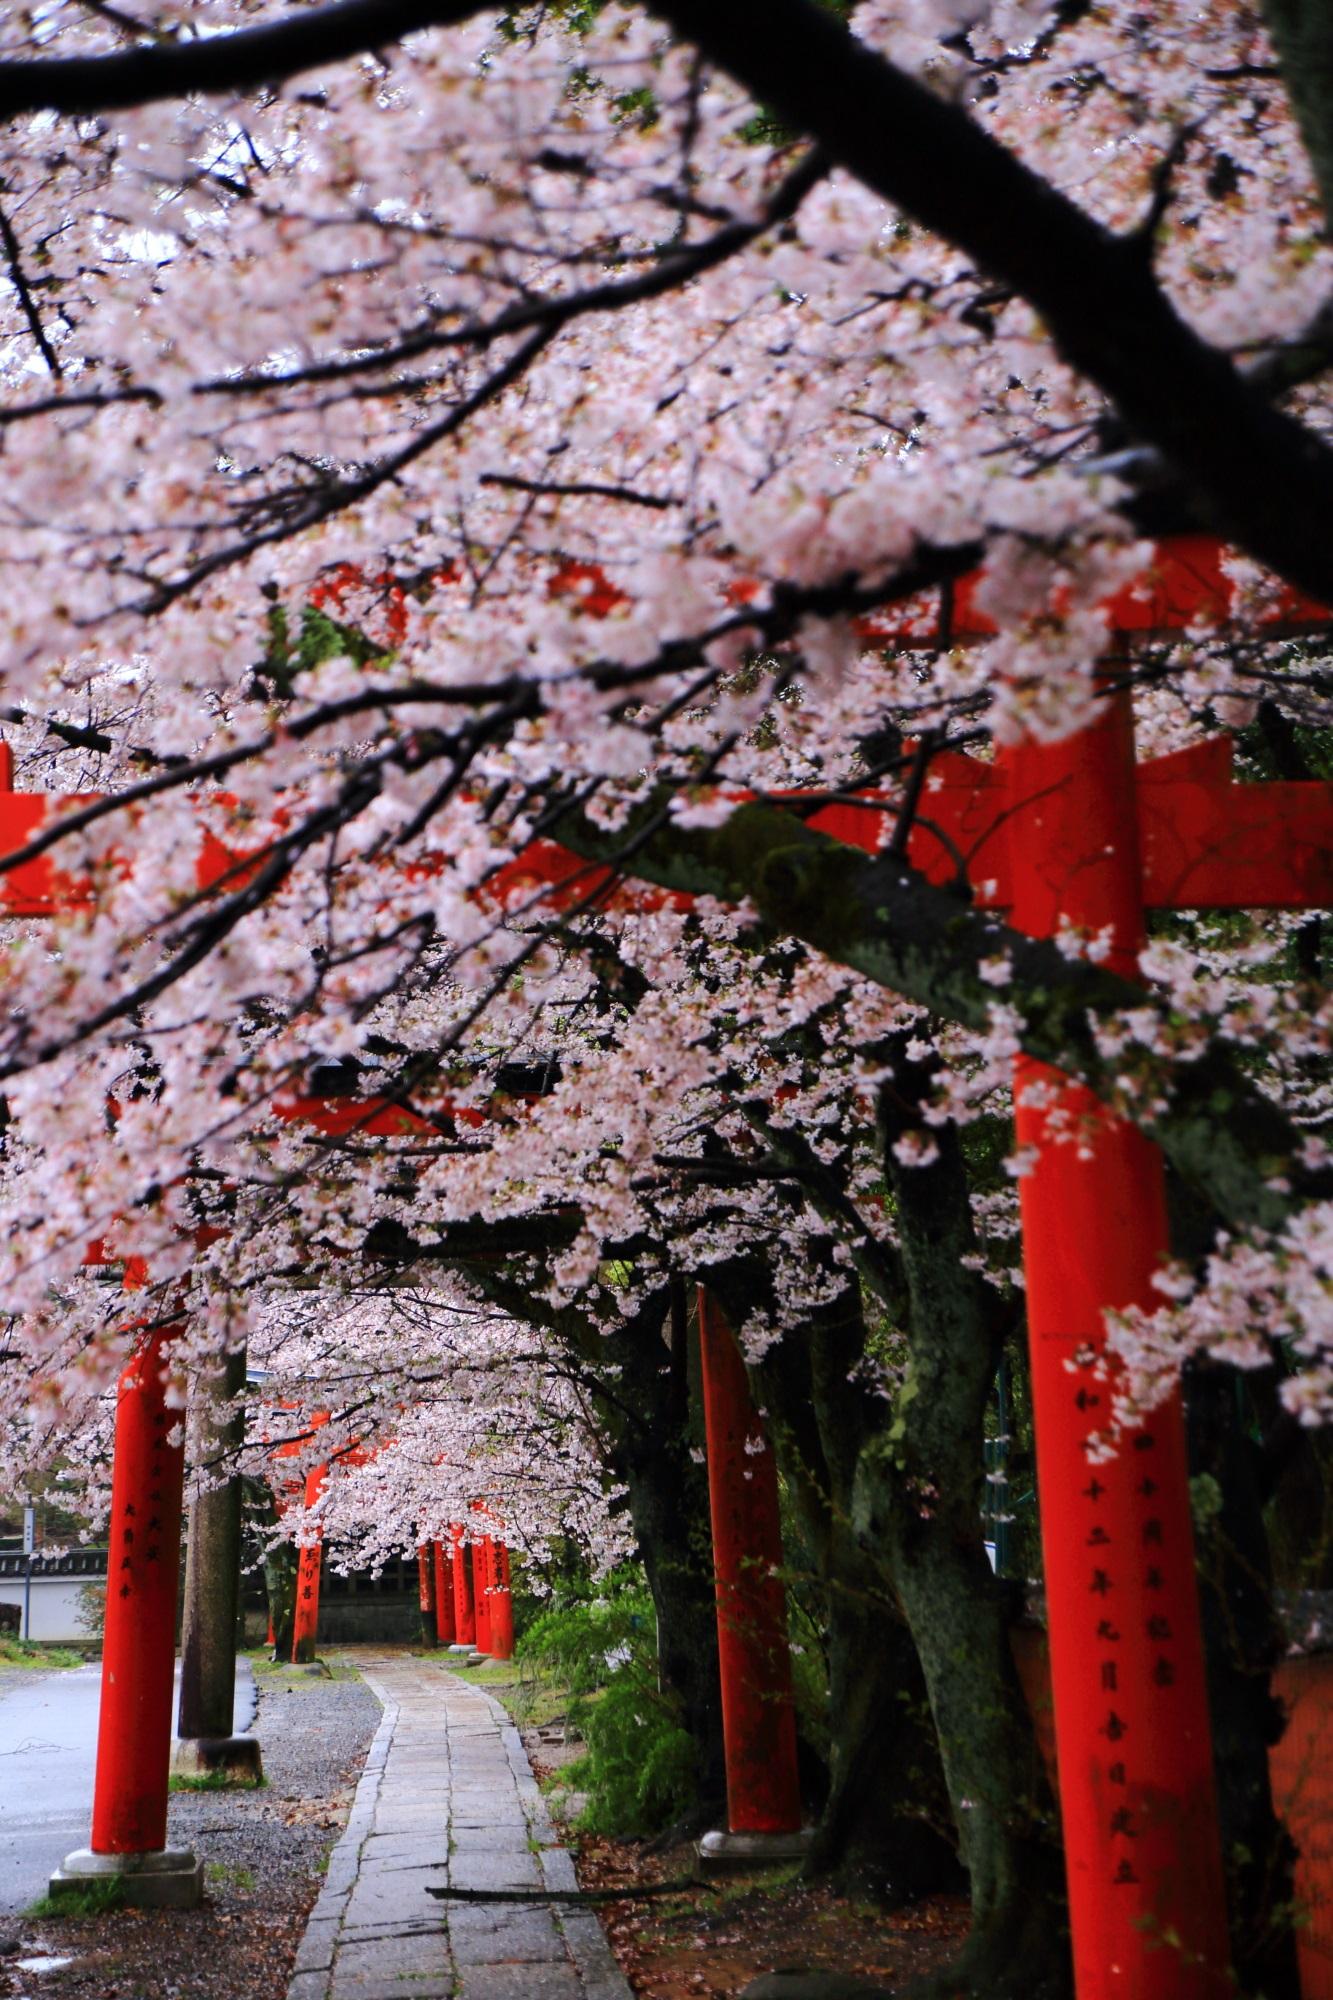 竹中稲荷神社の素晴らしい桜と鳥居の情景